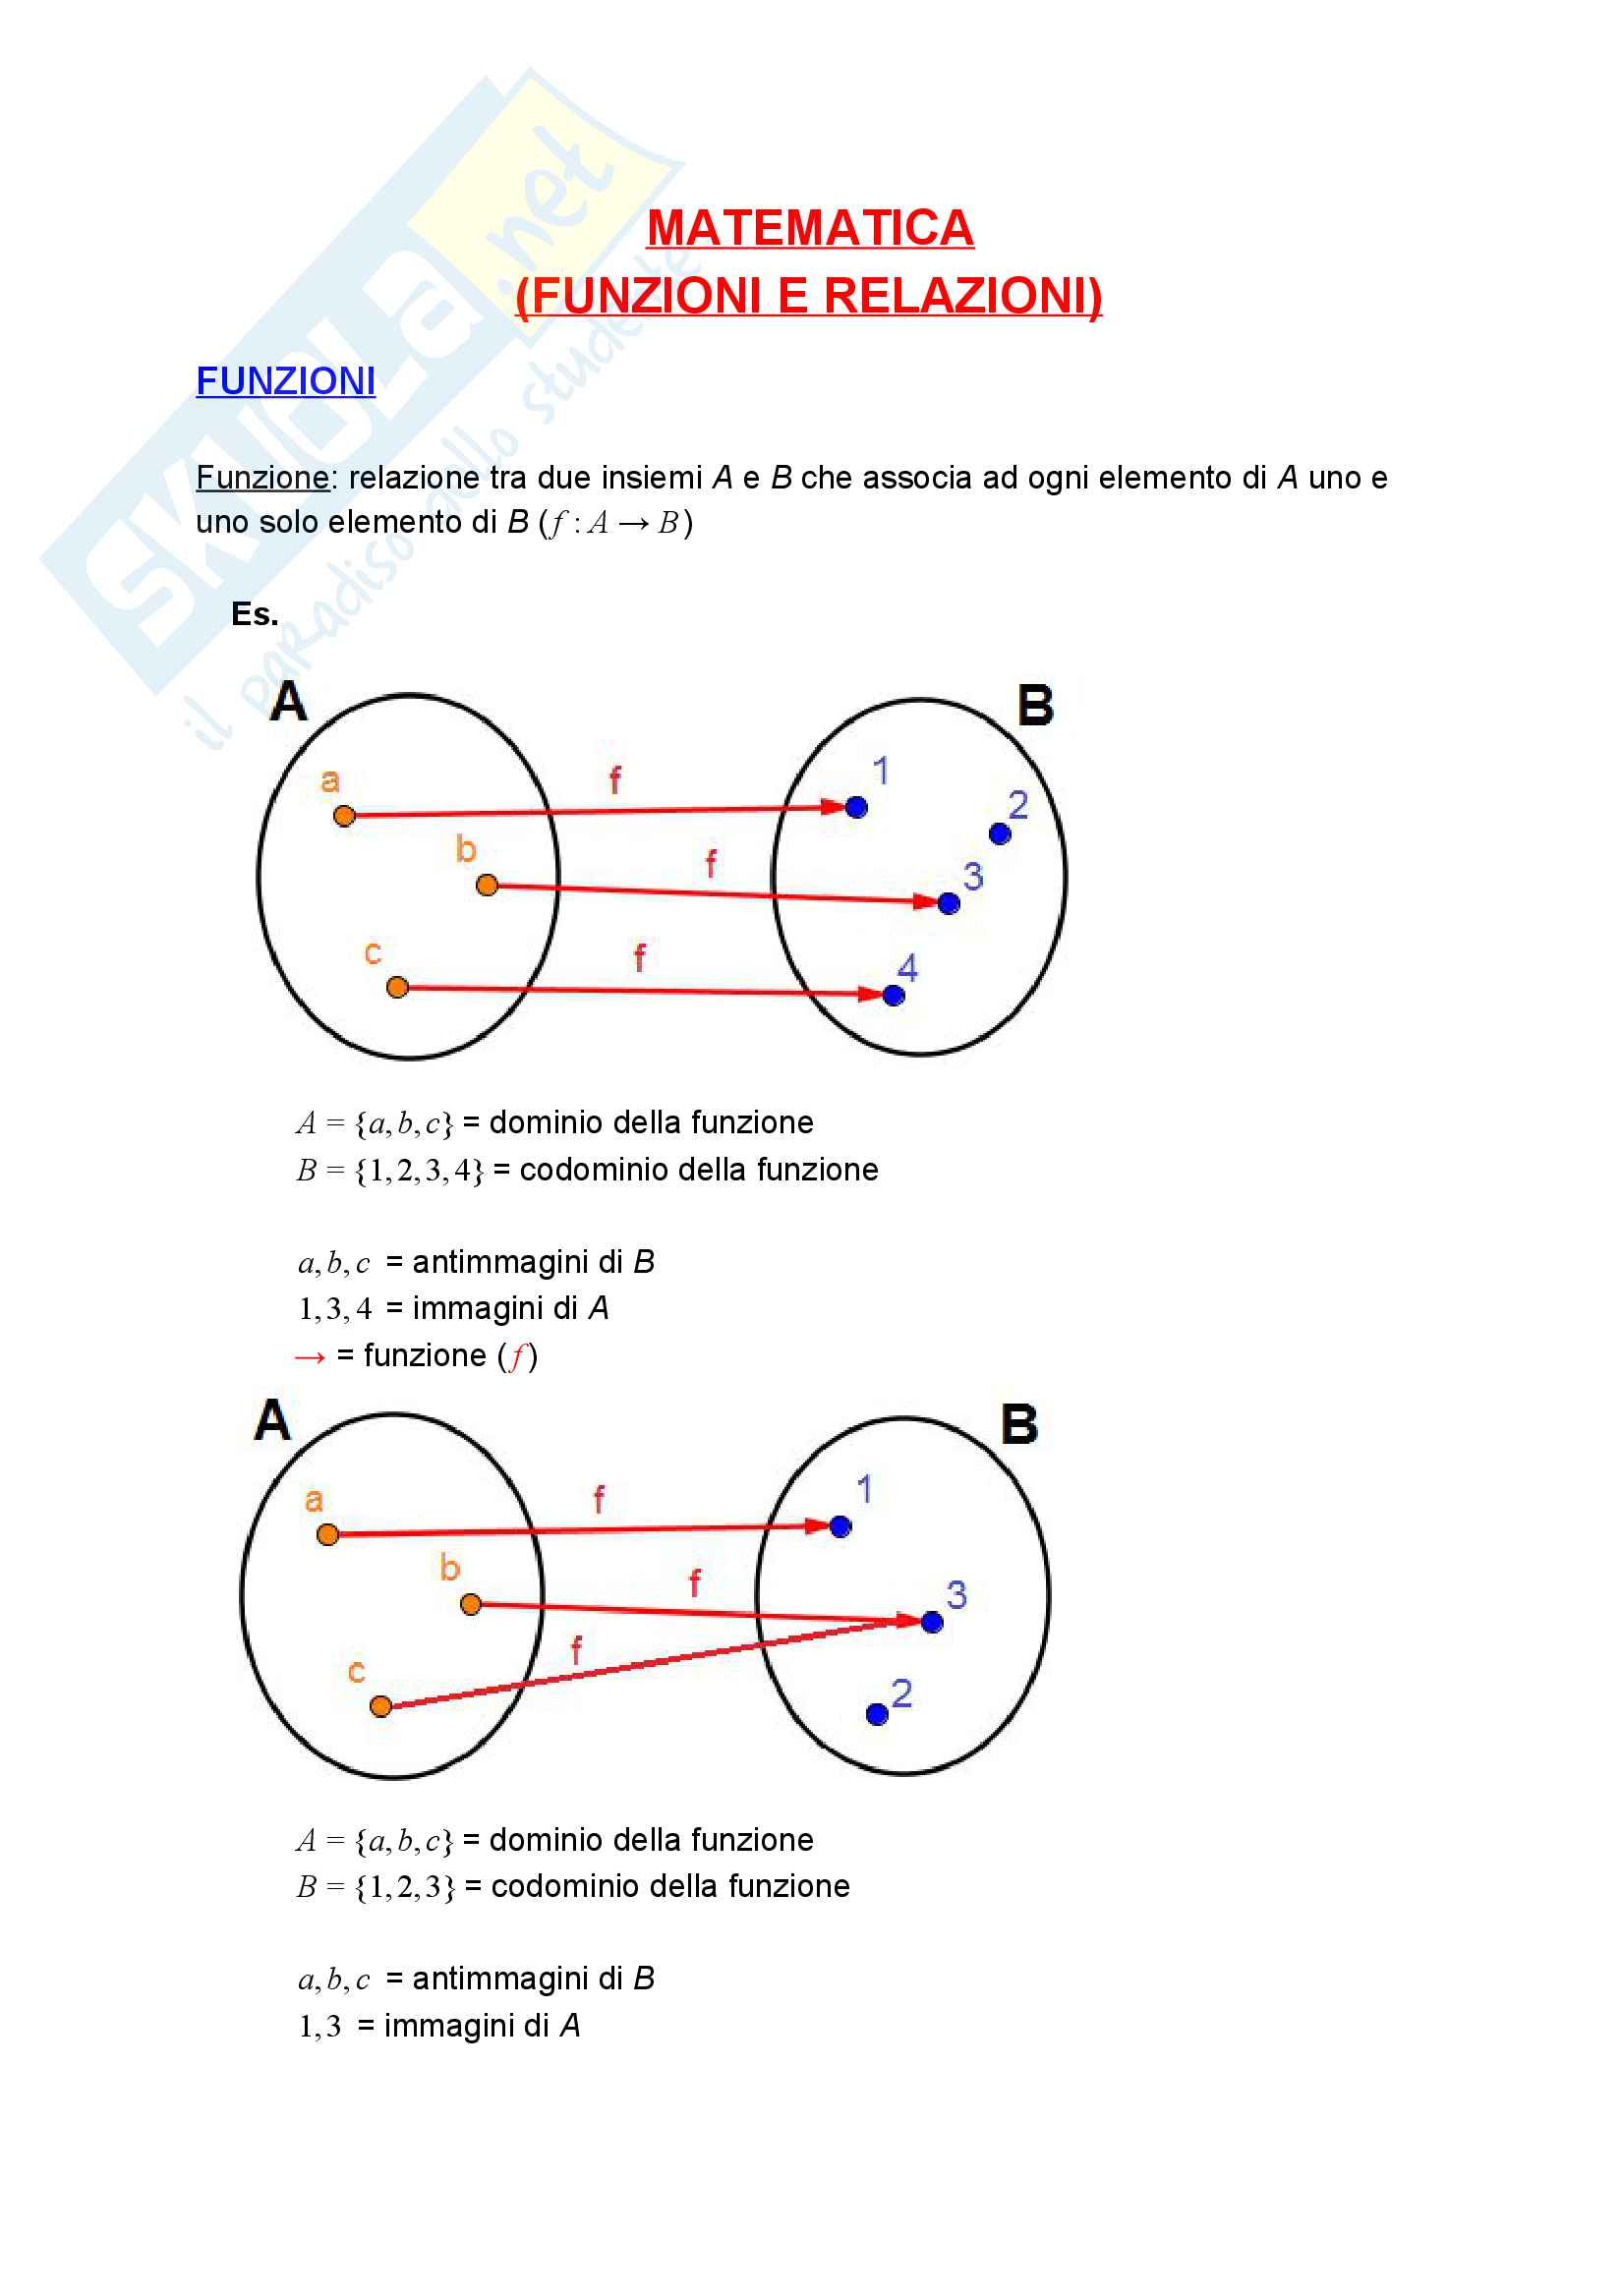 Funzioni e Relazioni - Istituzioni Matematiche